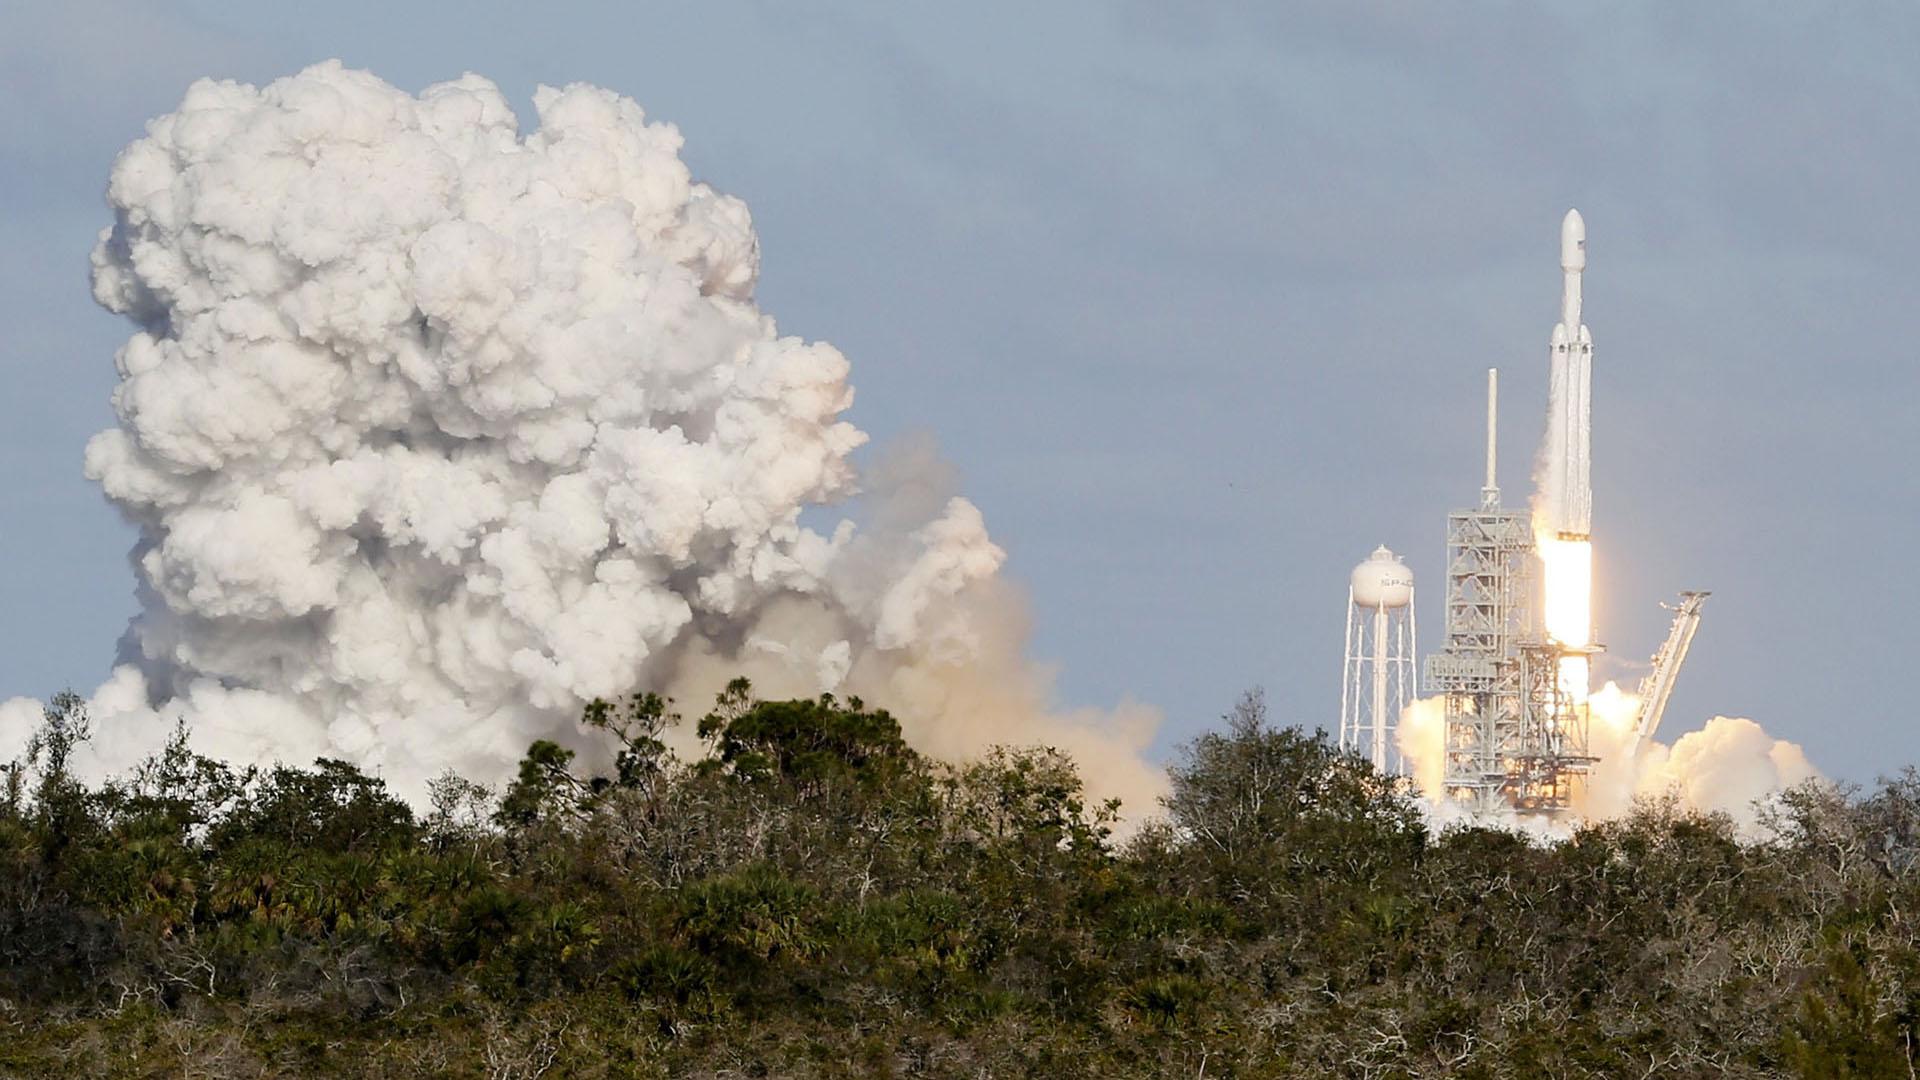 Es el cohete más potente del mundo en funcionamiento tiene 27 motores que le dan le dan una capacidad de empuje de 22.819 kn a nivel del mar.